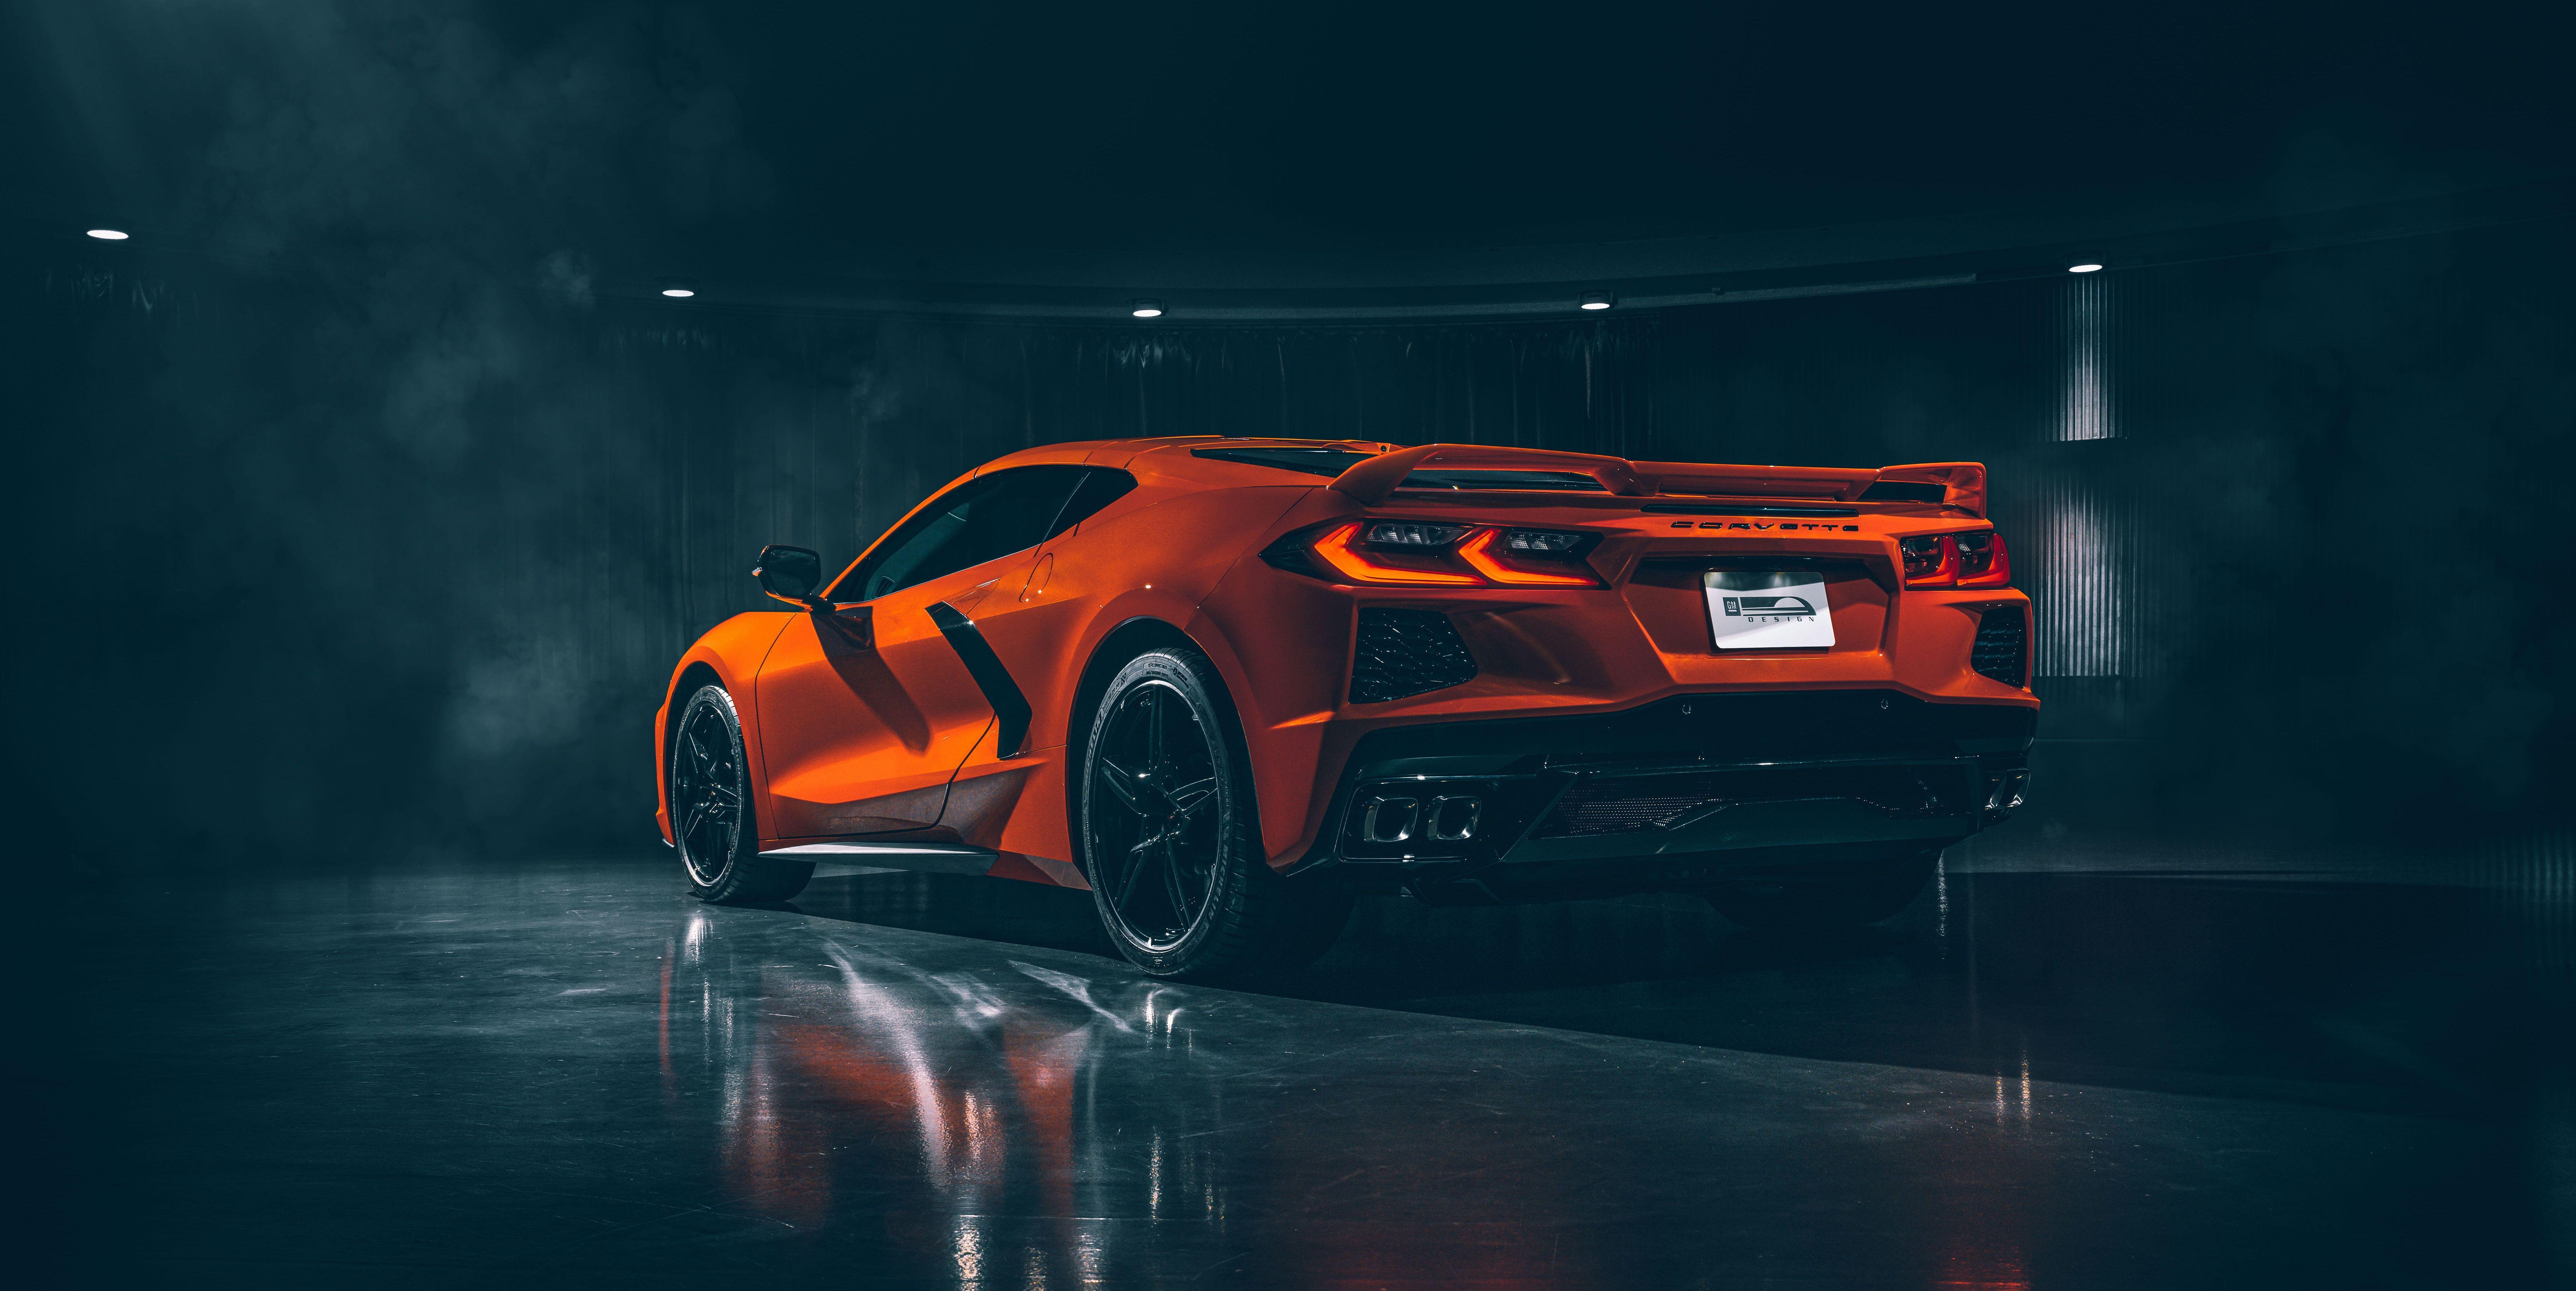 2020 Chevrolet Corvette C8 Red Car Wallpaper 4k Corvette C8 Chevrolet Corvette C8 Chevrolet Corvette